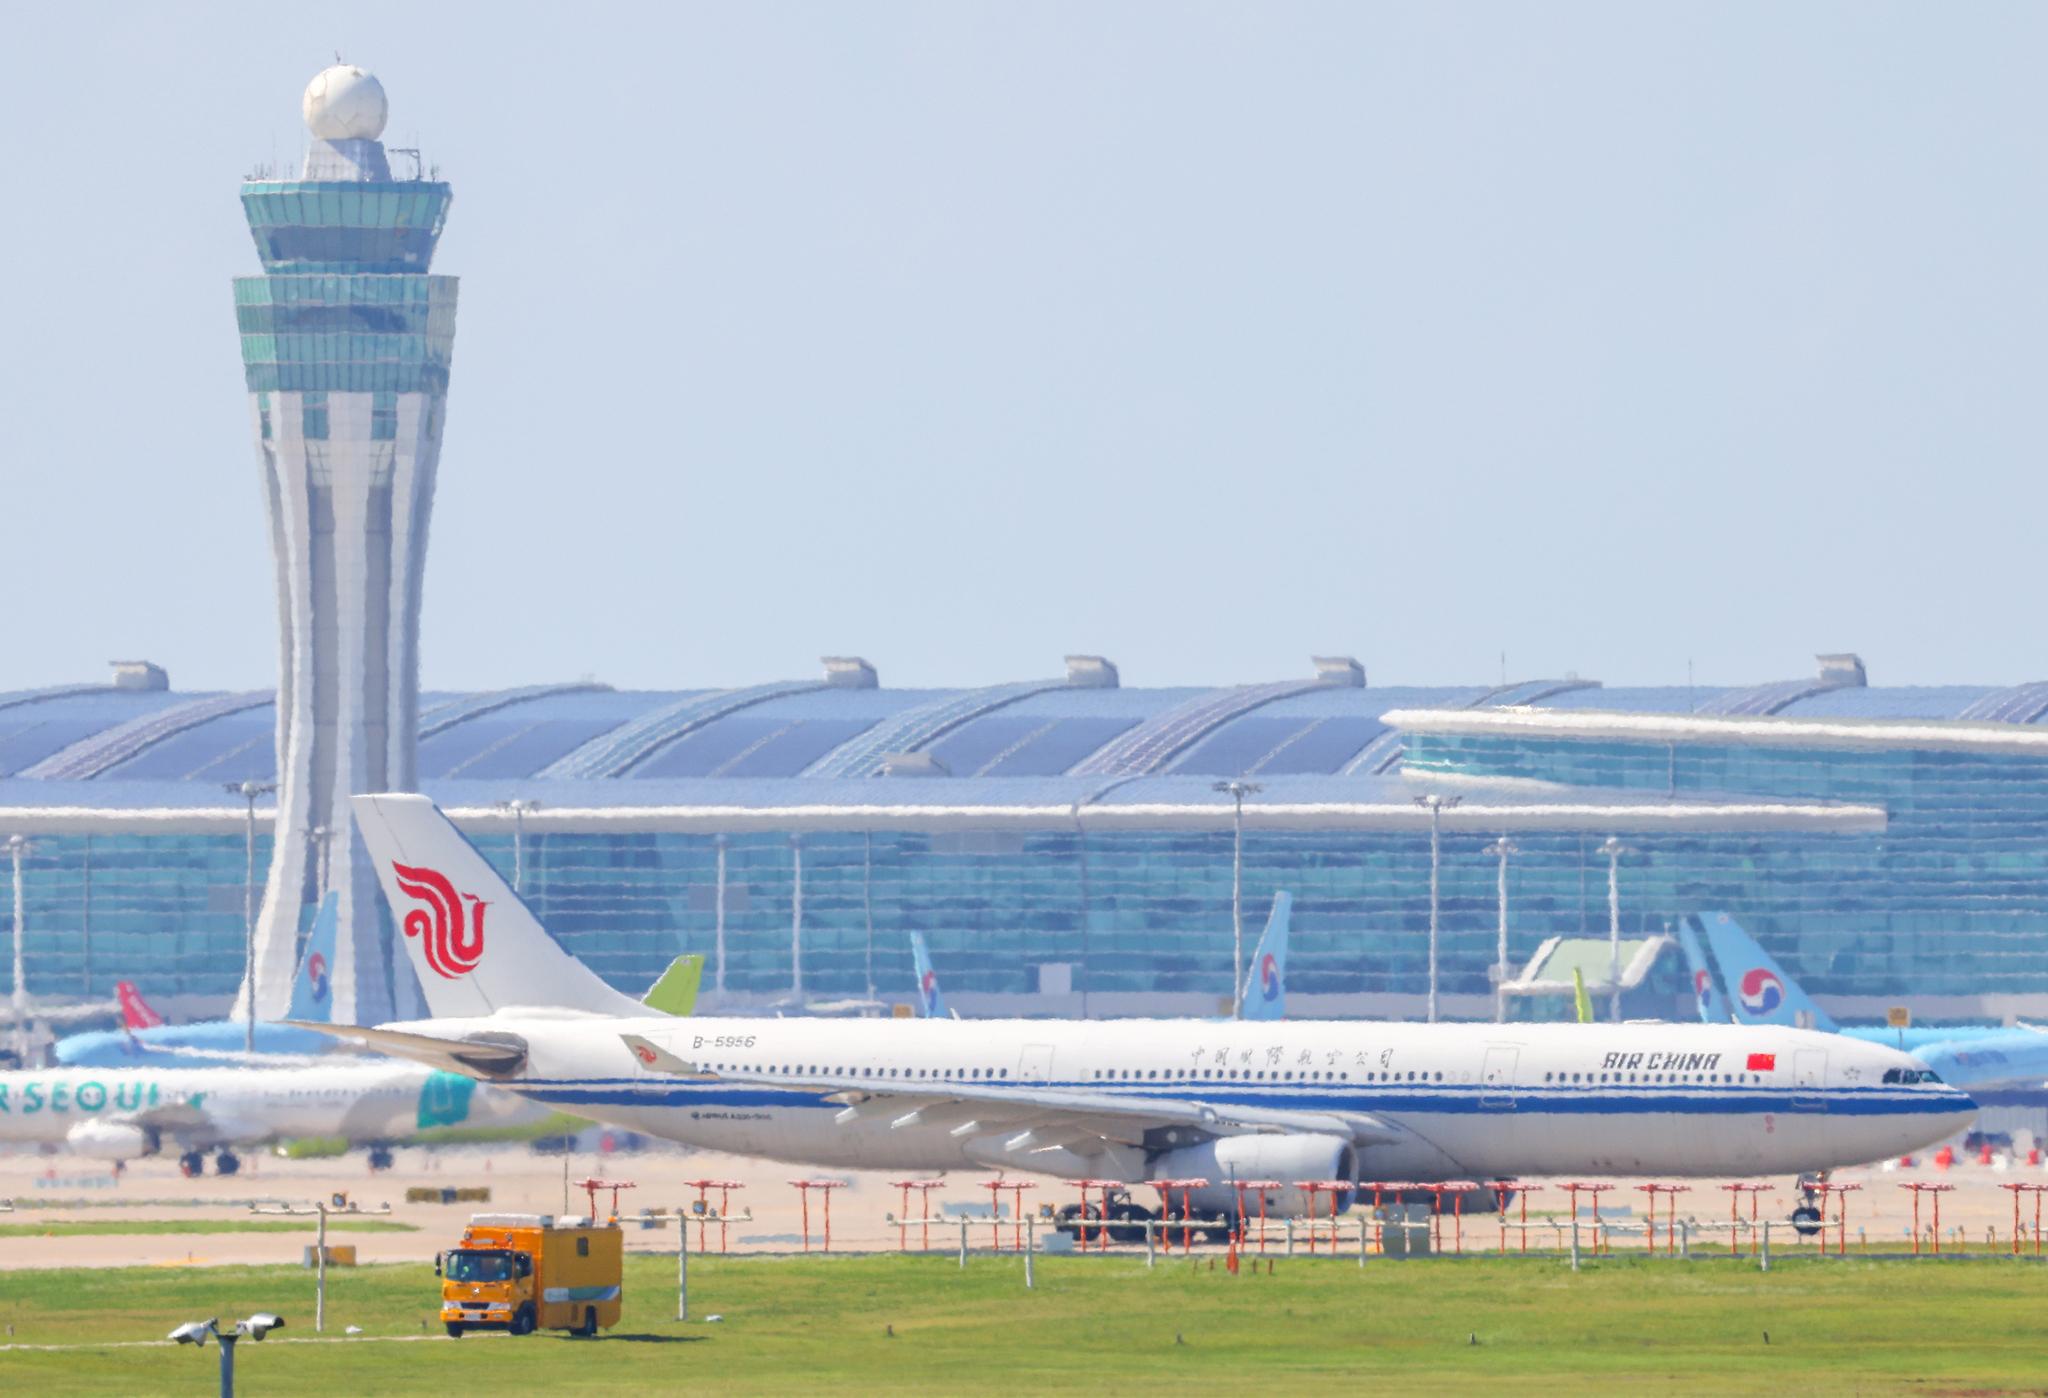 지난 9월 현대자동차가 마련한 베이징행 전세기가 이륙을 위해 인천국제공항 활주로 위를 이동하고 있는 모습. 연합뉴스